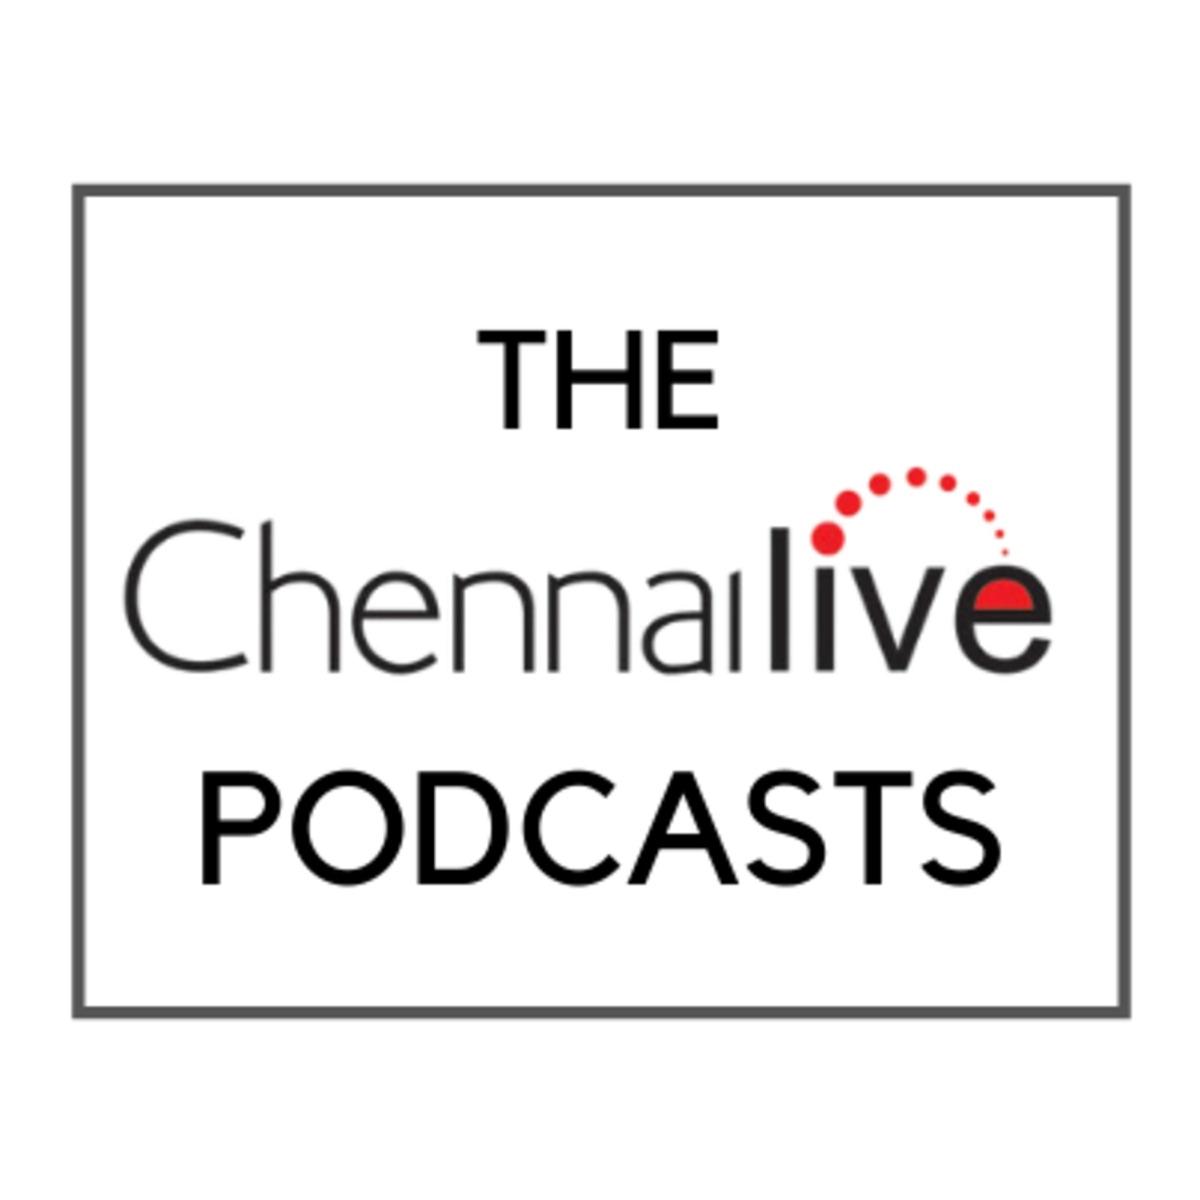 Chennai Live